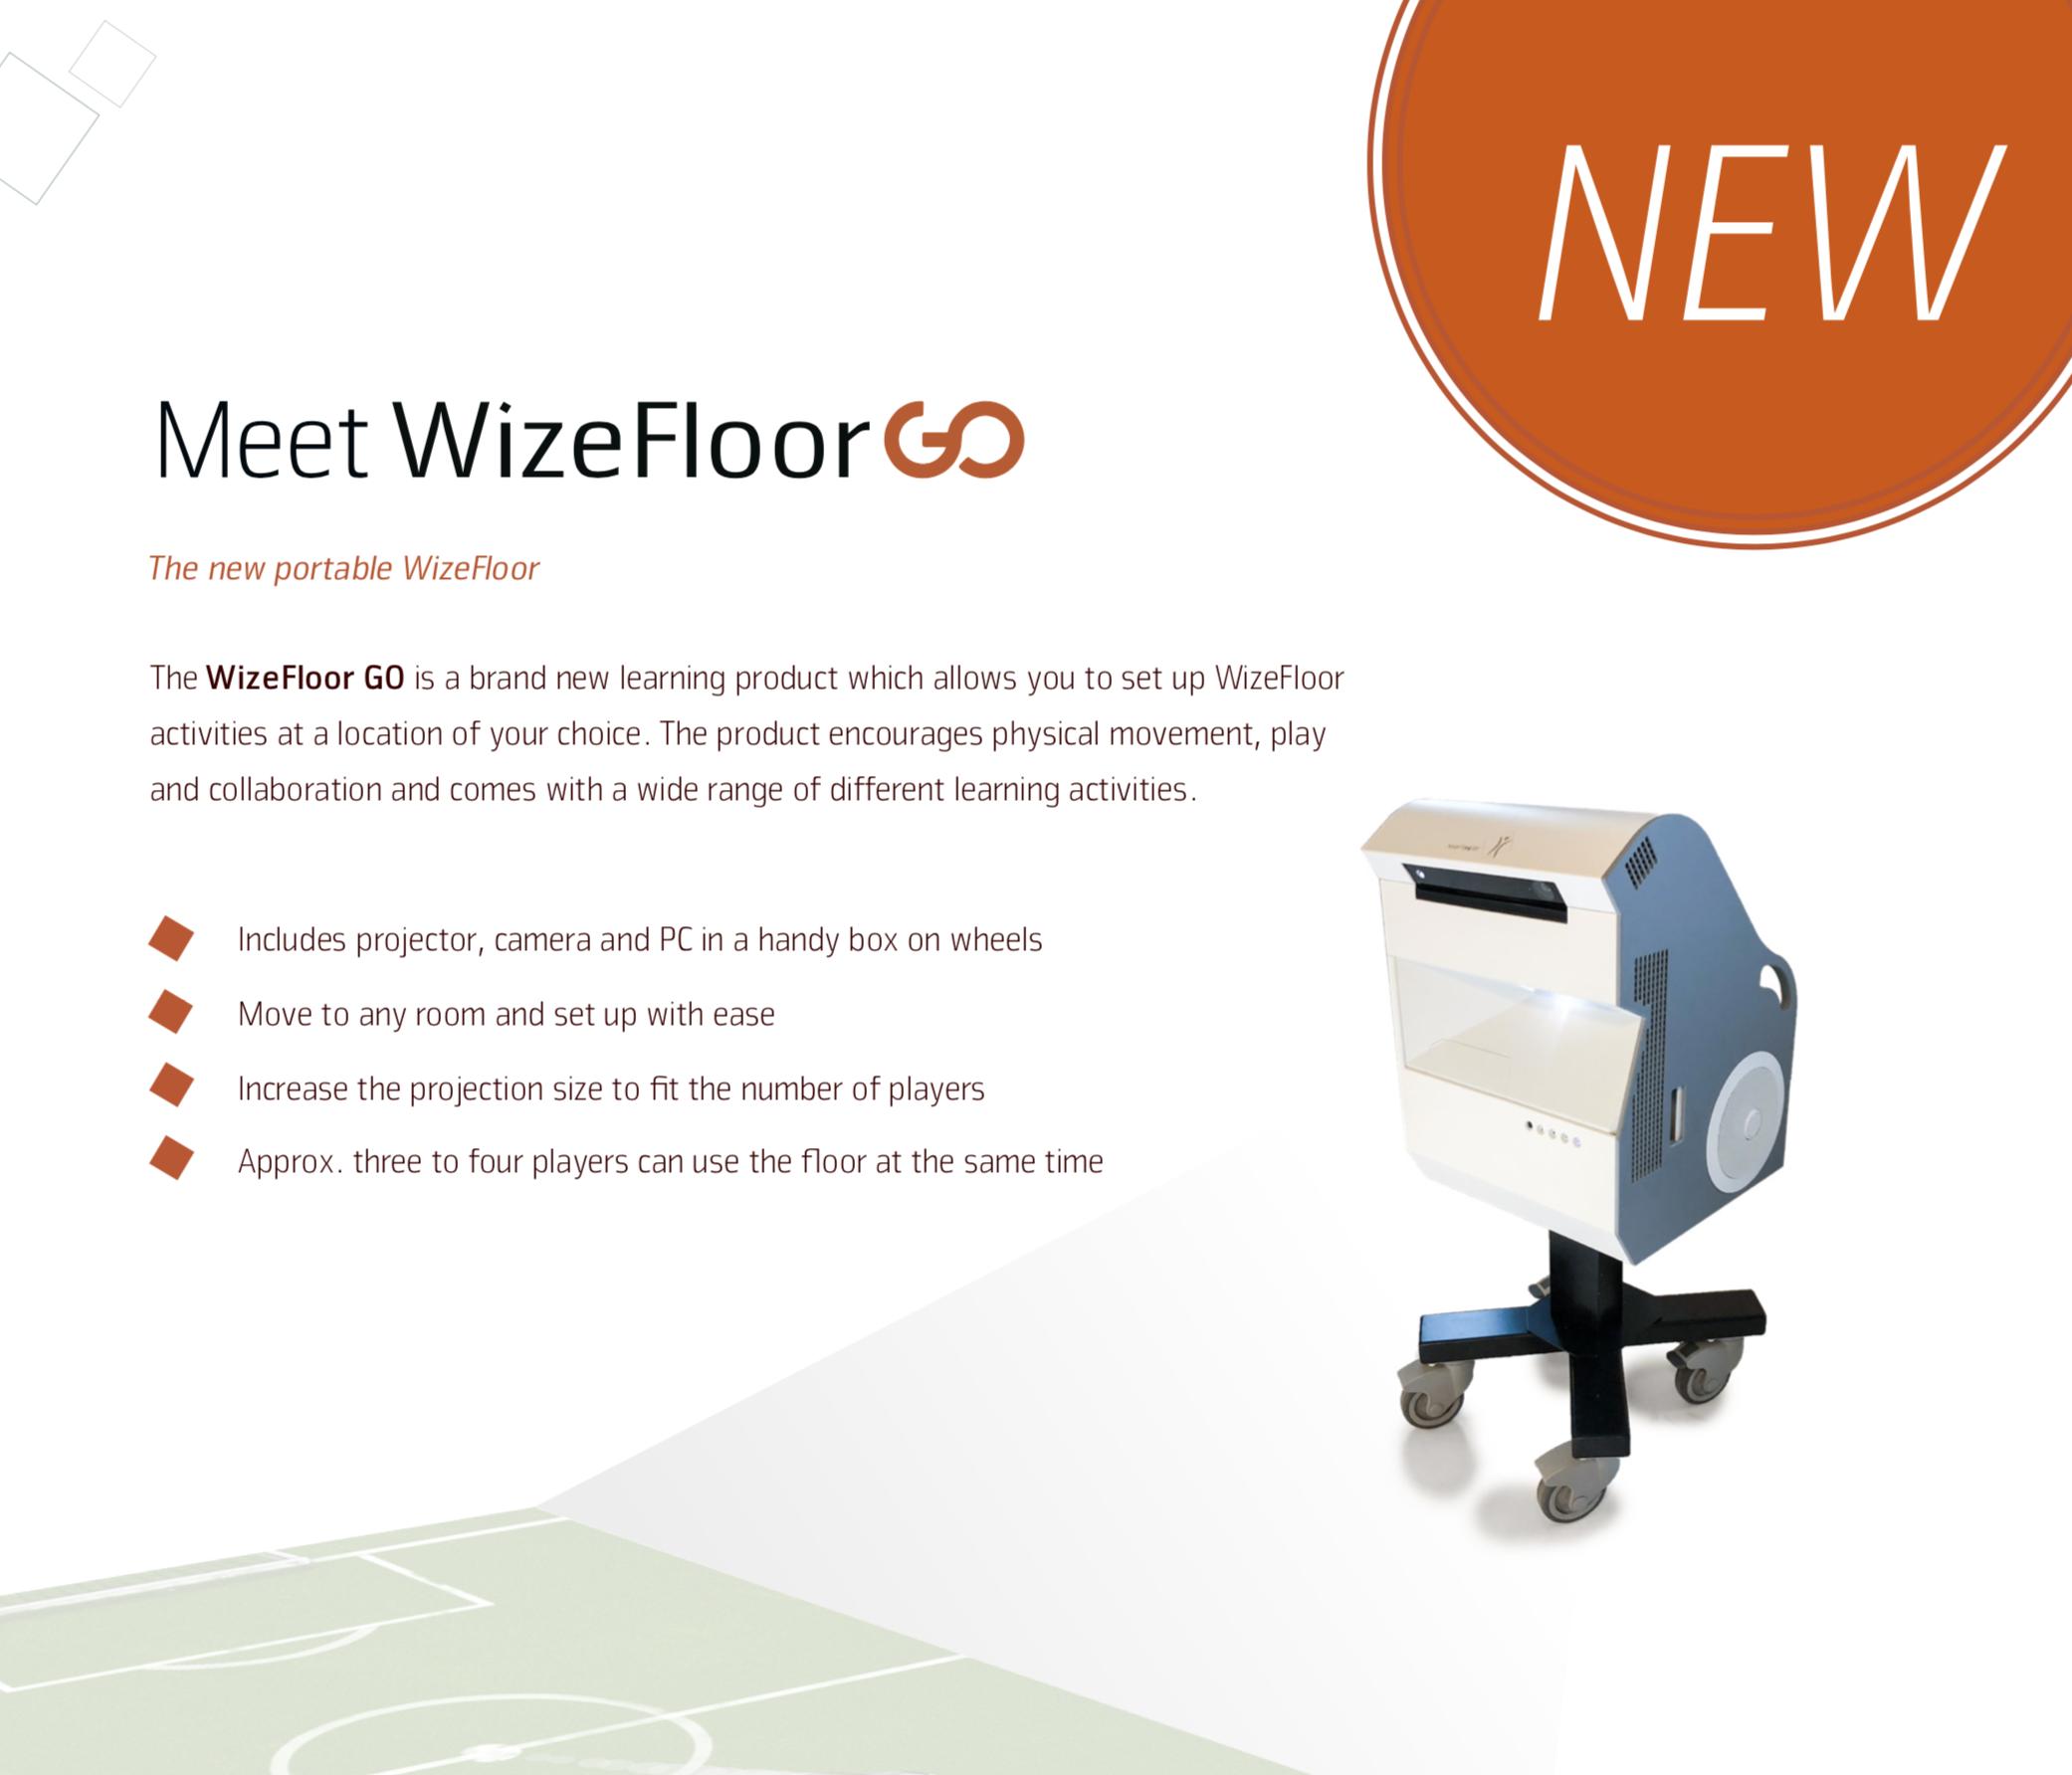 WizeFloor GO